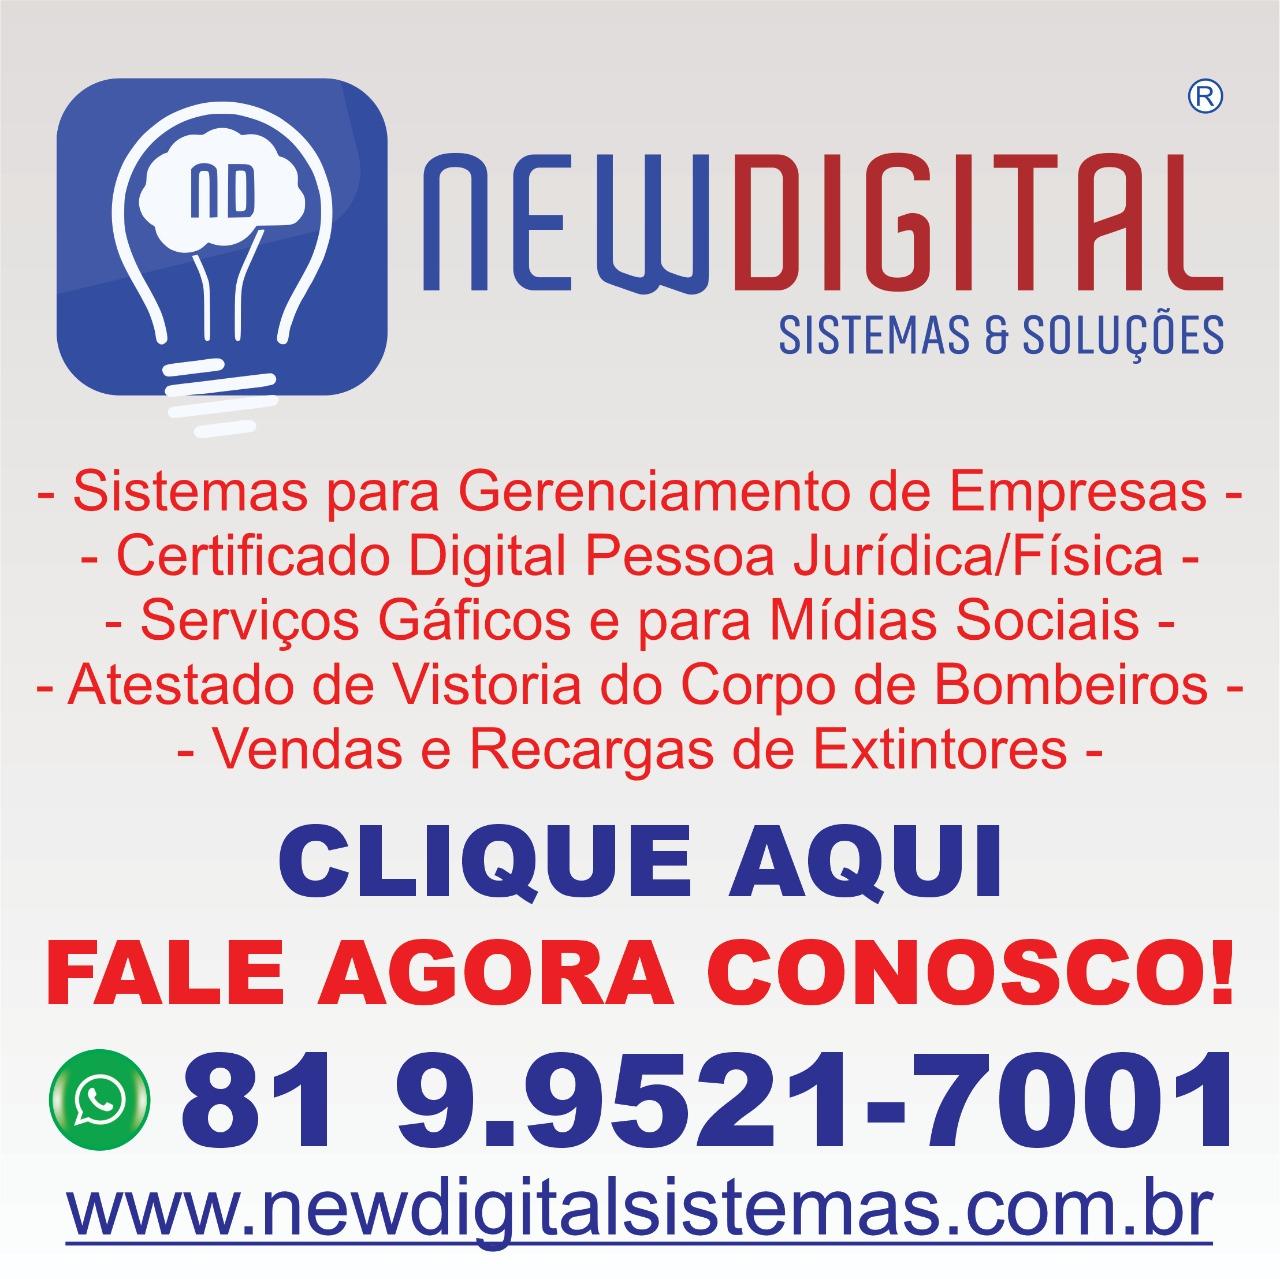 New Digital Sistema e Soluções